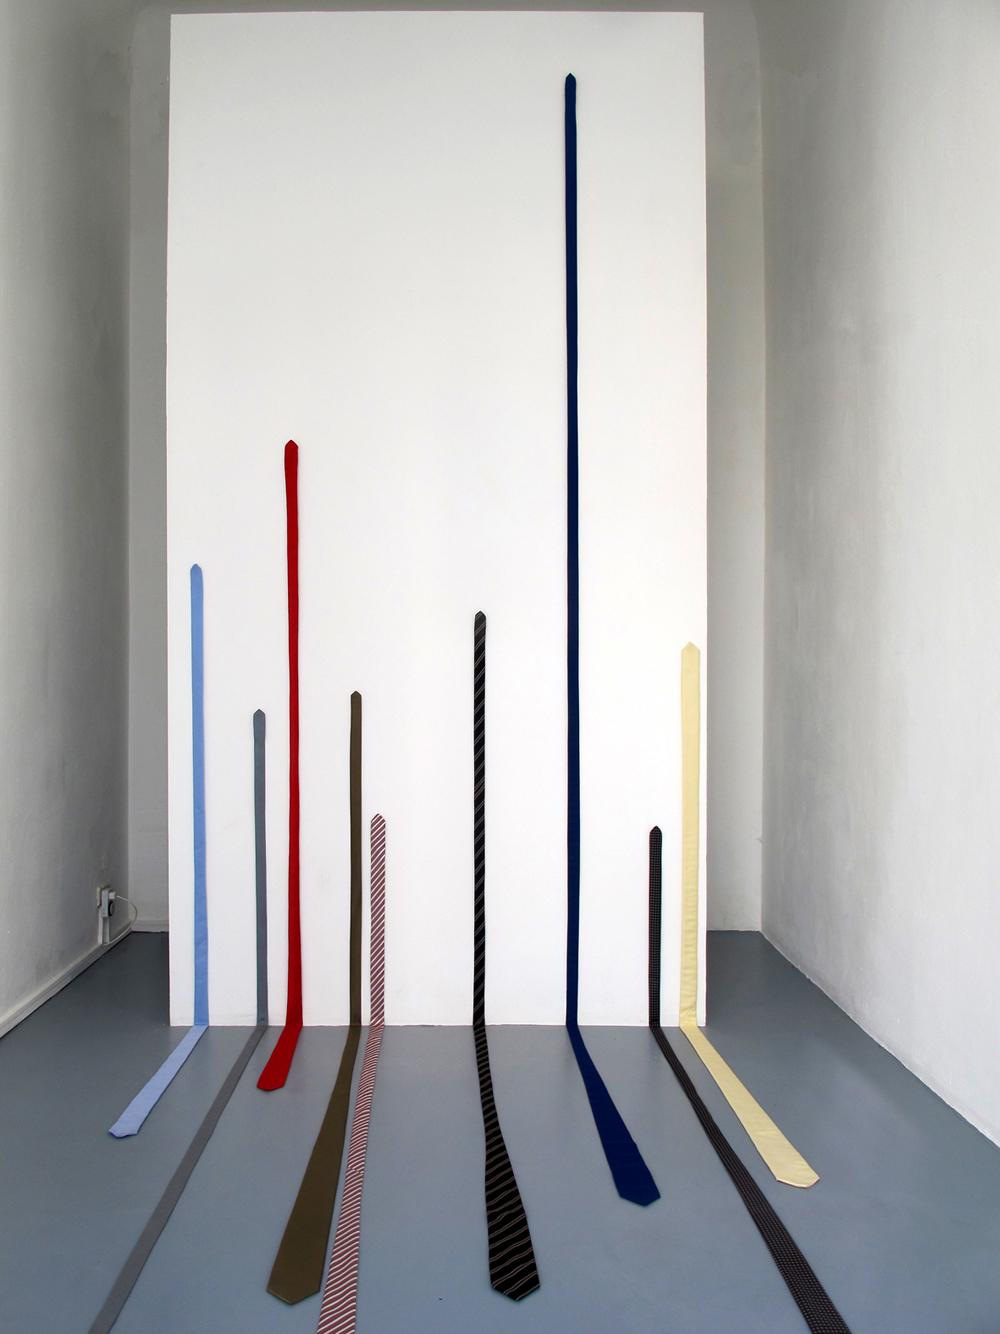 Panic and Euphoria, 2012, 9-part fabric sculpture, various textiles, 320 x 160 x 260 cm, framed poster 84 x 59 cm